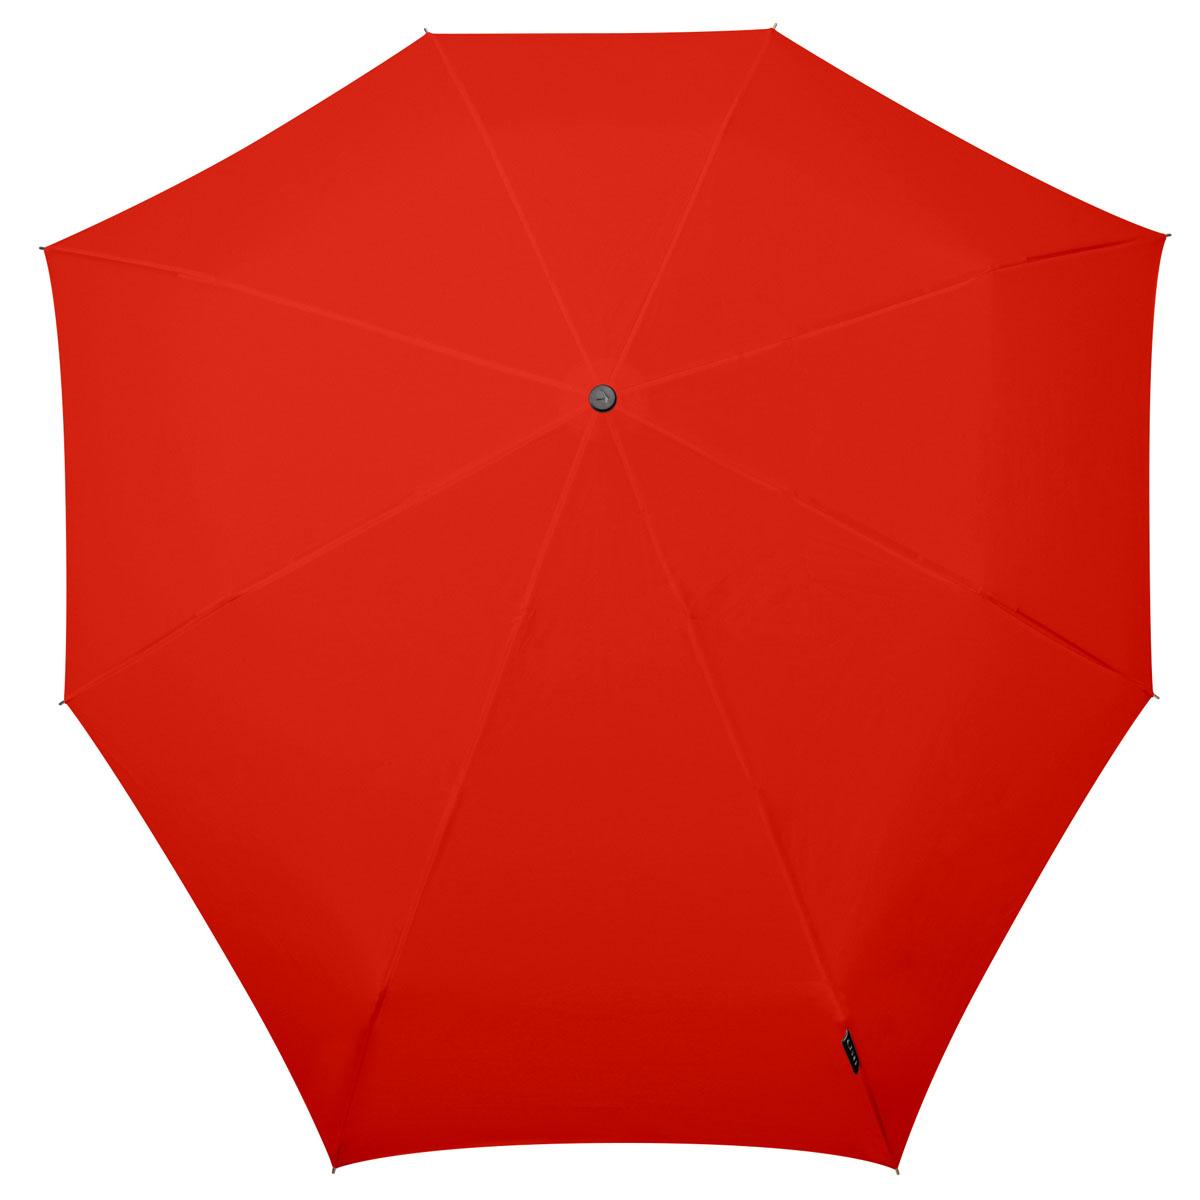 Зонт Senz, цвет: красный. 11110191111019Вместо покупки нескольких дешевых зонтиков, которые легко ломаются, лучше приобрести надежный и качественный зонт от Senz. Инновационные противоштормовые зонты выдерживают любую непогоду. Форма купола продумана так, что вы легко найдете самое удобное положение на ветру – без паники и без борьбы со стихией. Закрывает спину от дождя. Благодаря своей усовершенствованной конструкции, зонт не выворачивается наизнанку даже при сильном ветре. Это улучшенная модель компактного противоштормового зонта Smart. Выдерживает порывы ветра до 60 км/ч. Характеристики: - тип — механический - три сложения - выдерживает порывы ветра до 60 км/ч - УФ-защита 50+ - удобная ручка с петлей - в комплекте чехол - гарантия 2 года Размер купола: 87 х 87 см, длина в сложенном виде - 25,5 см, в раскрытом - 57 см. Весит 290 г.